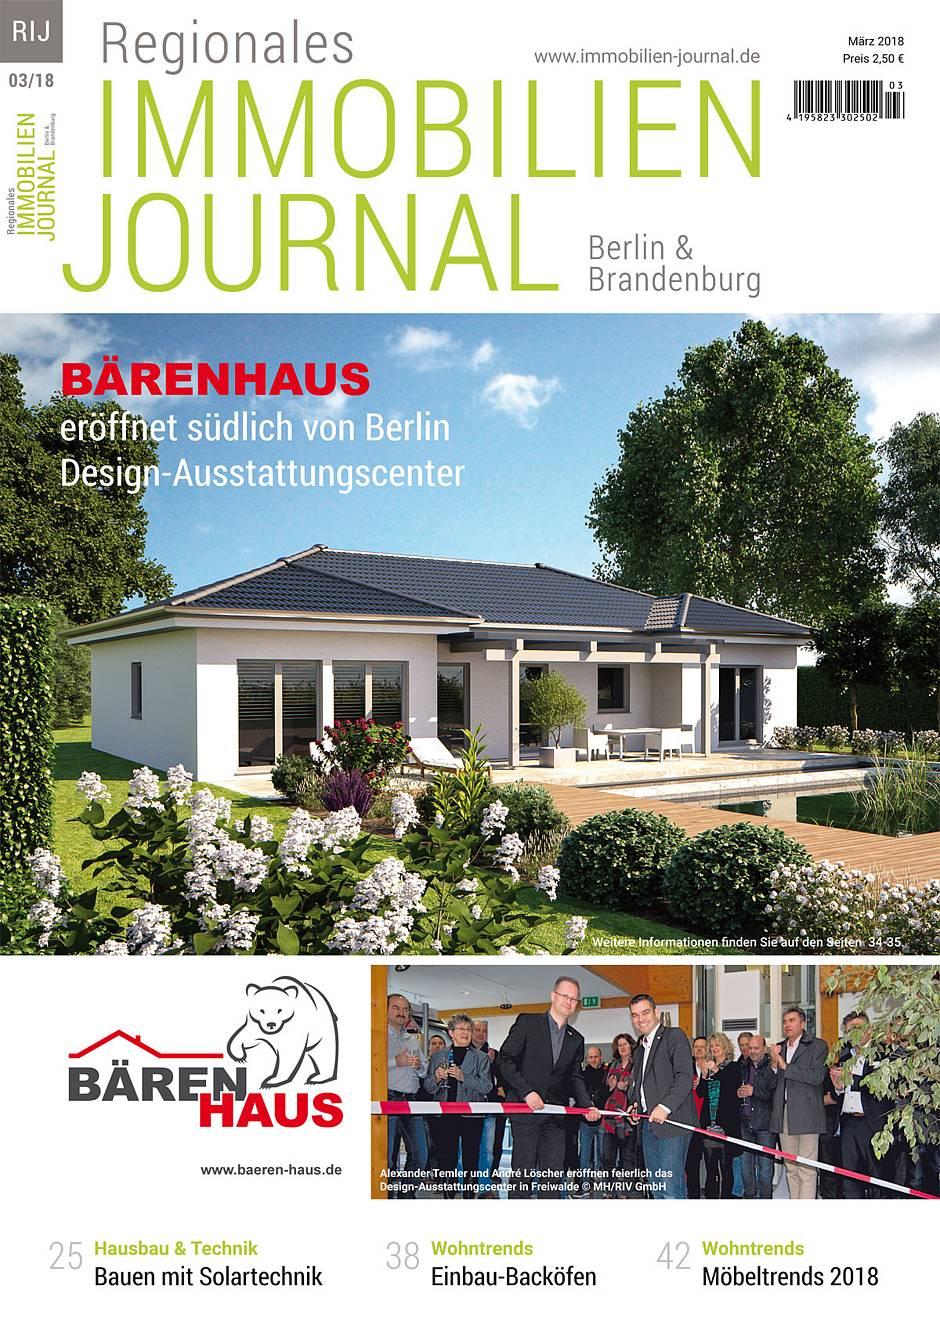 Hausbaufirmen In Brandenburg regionales immobilien journal berlin brandenburg märz 2018